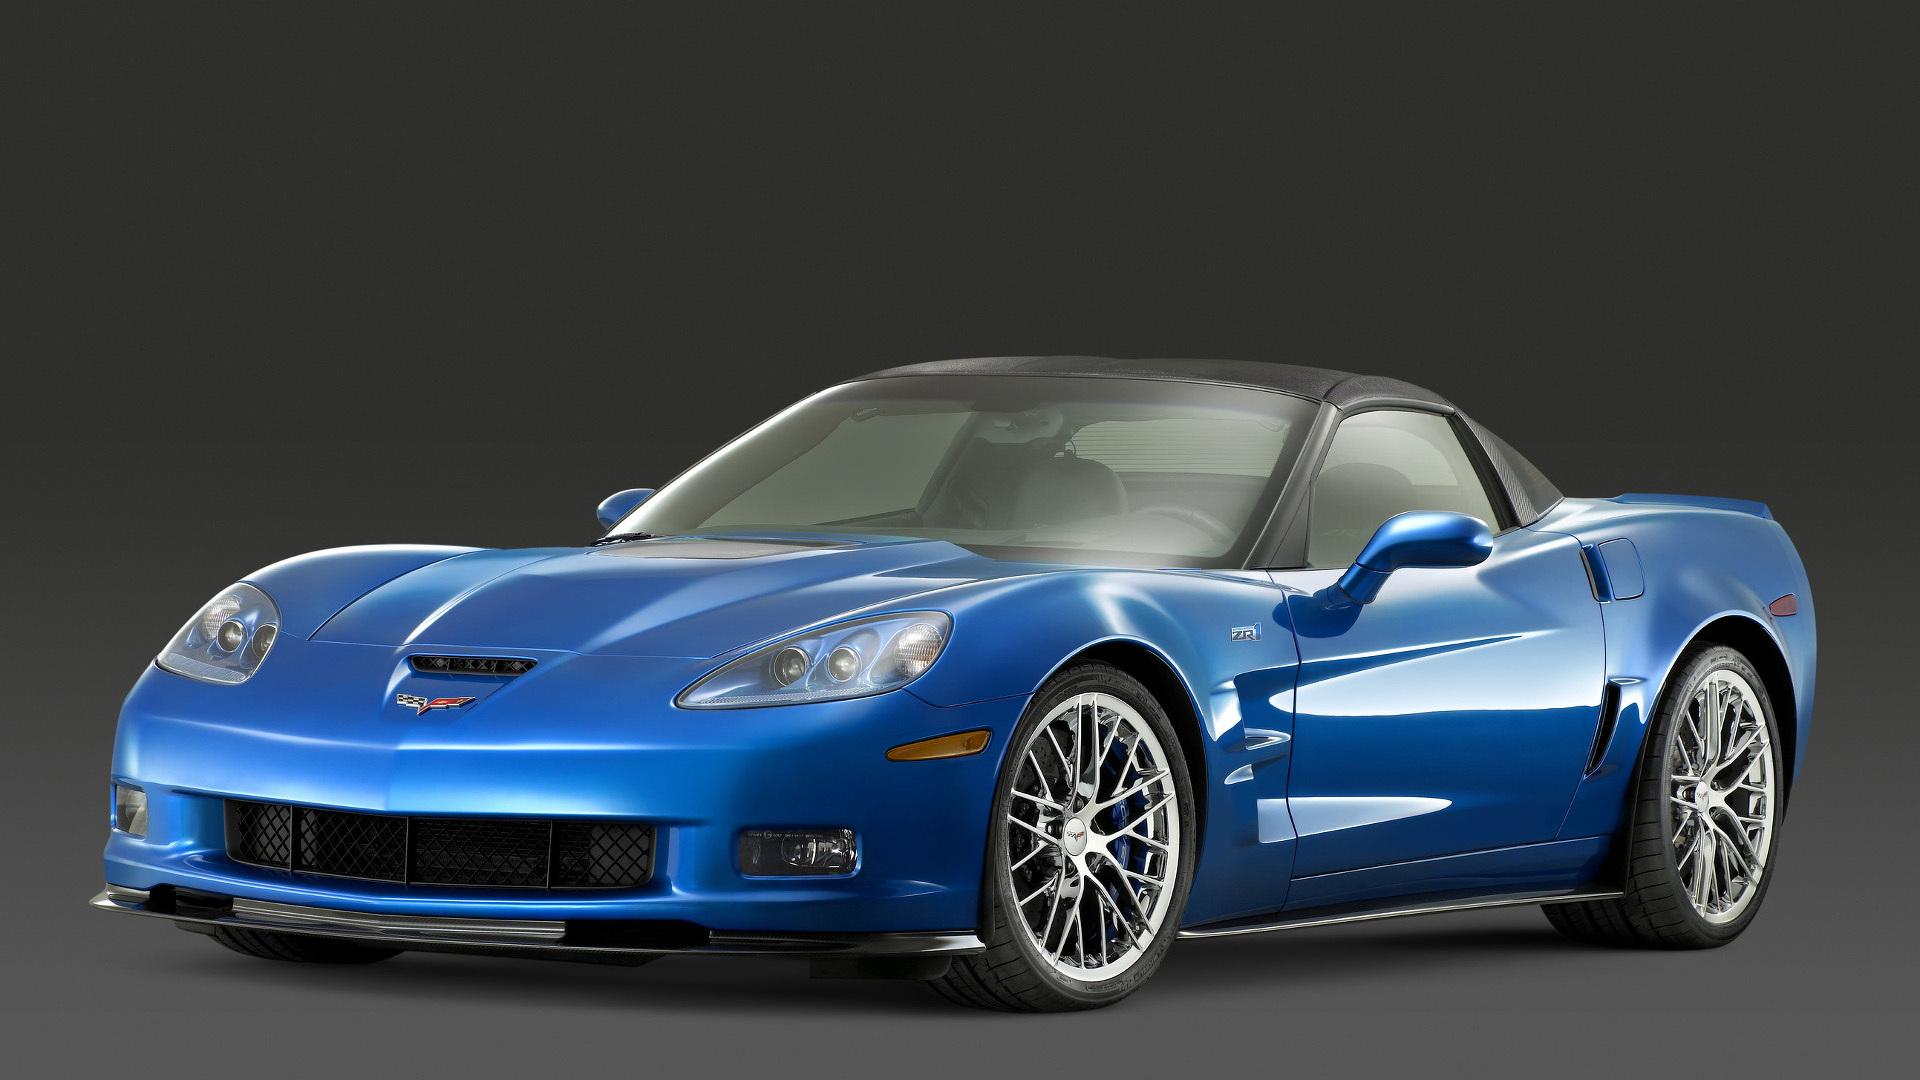 Chevrolet ZR1 News and Reviews | Motor1.com